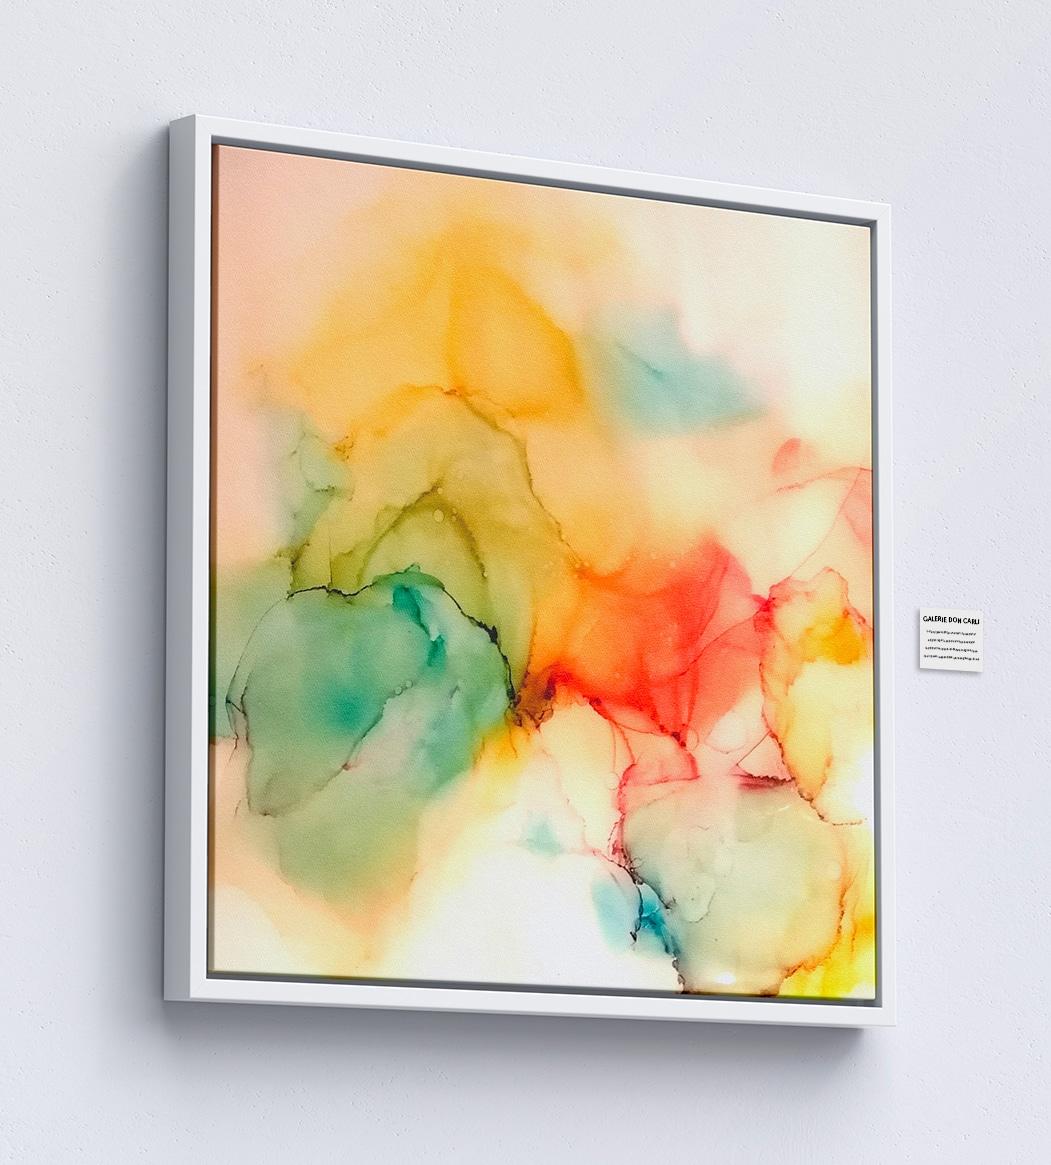 cloud-colors-katia-ferrari-galerie-don-carli